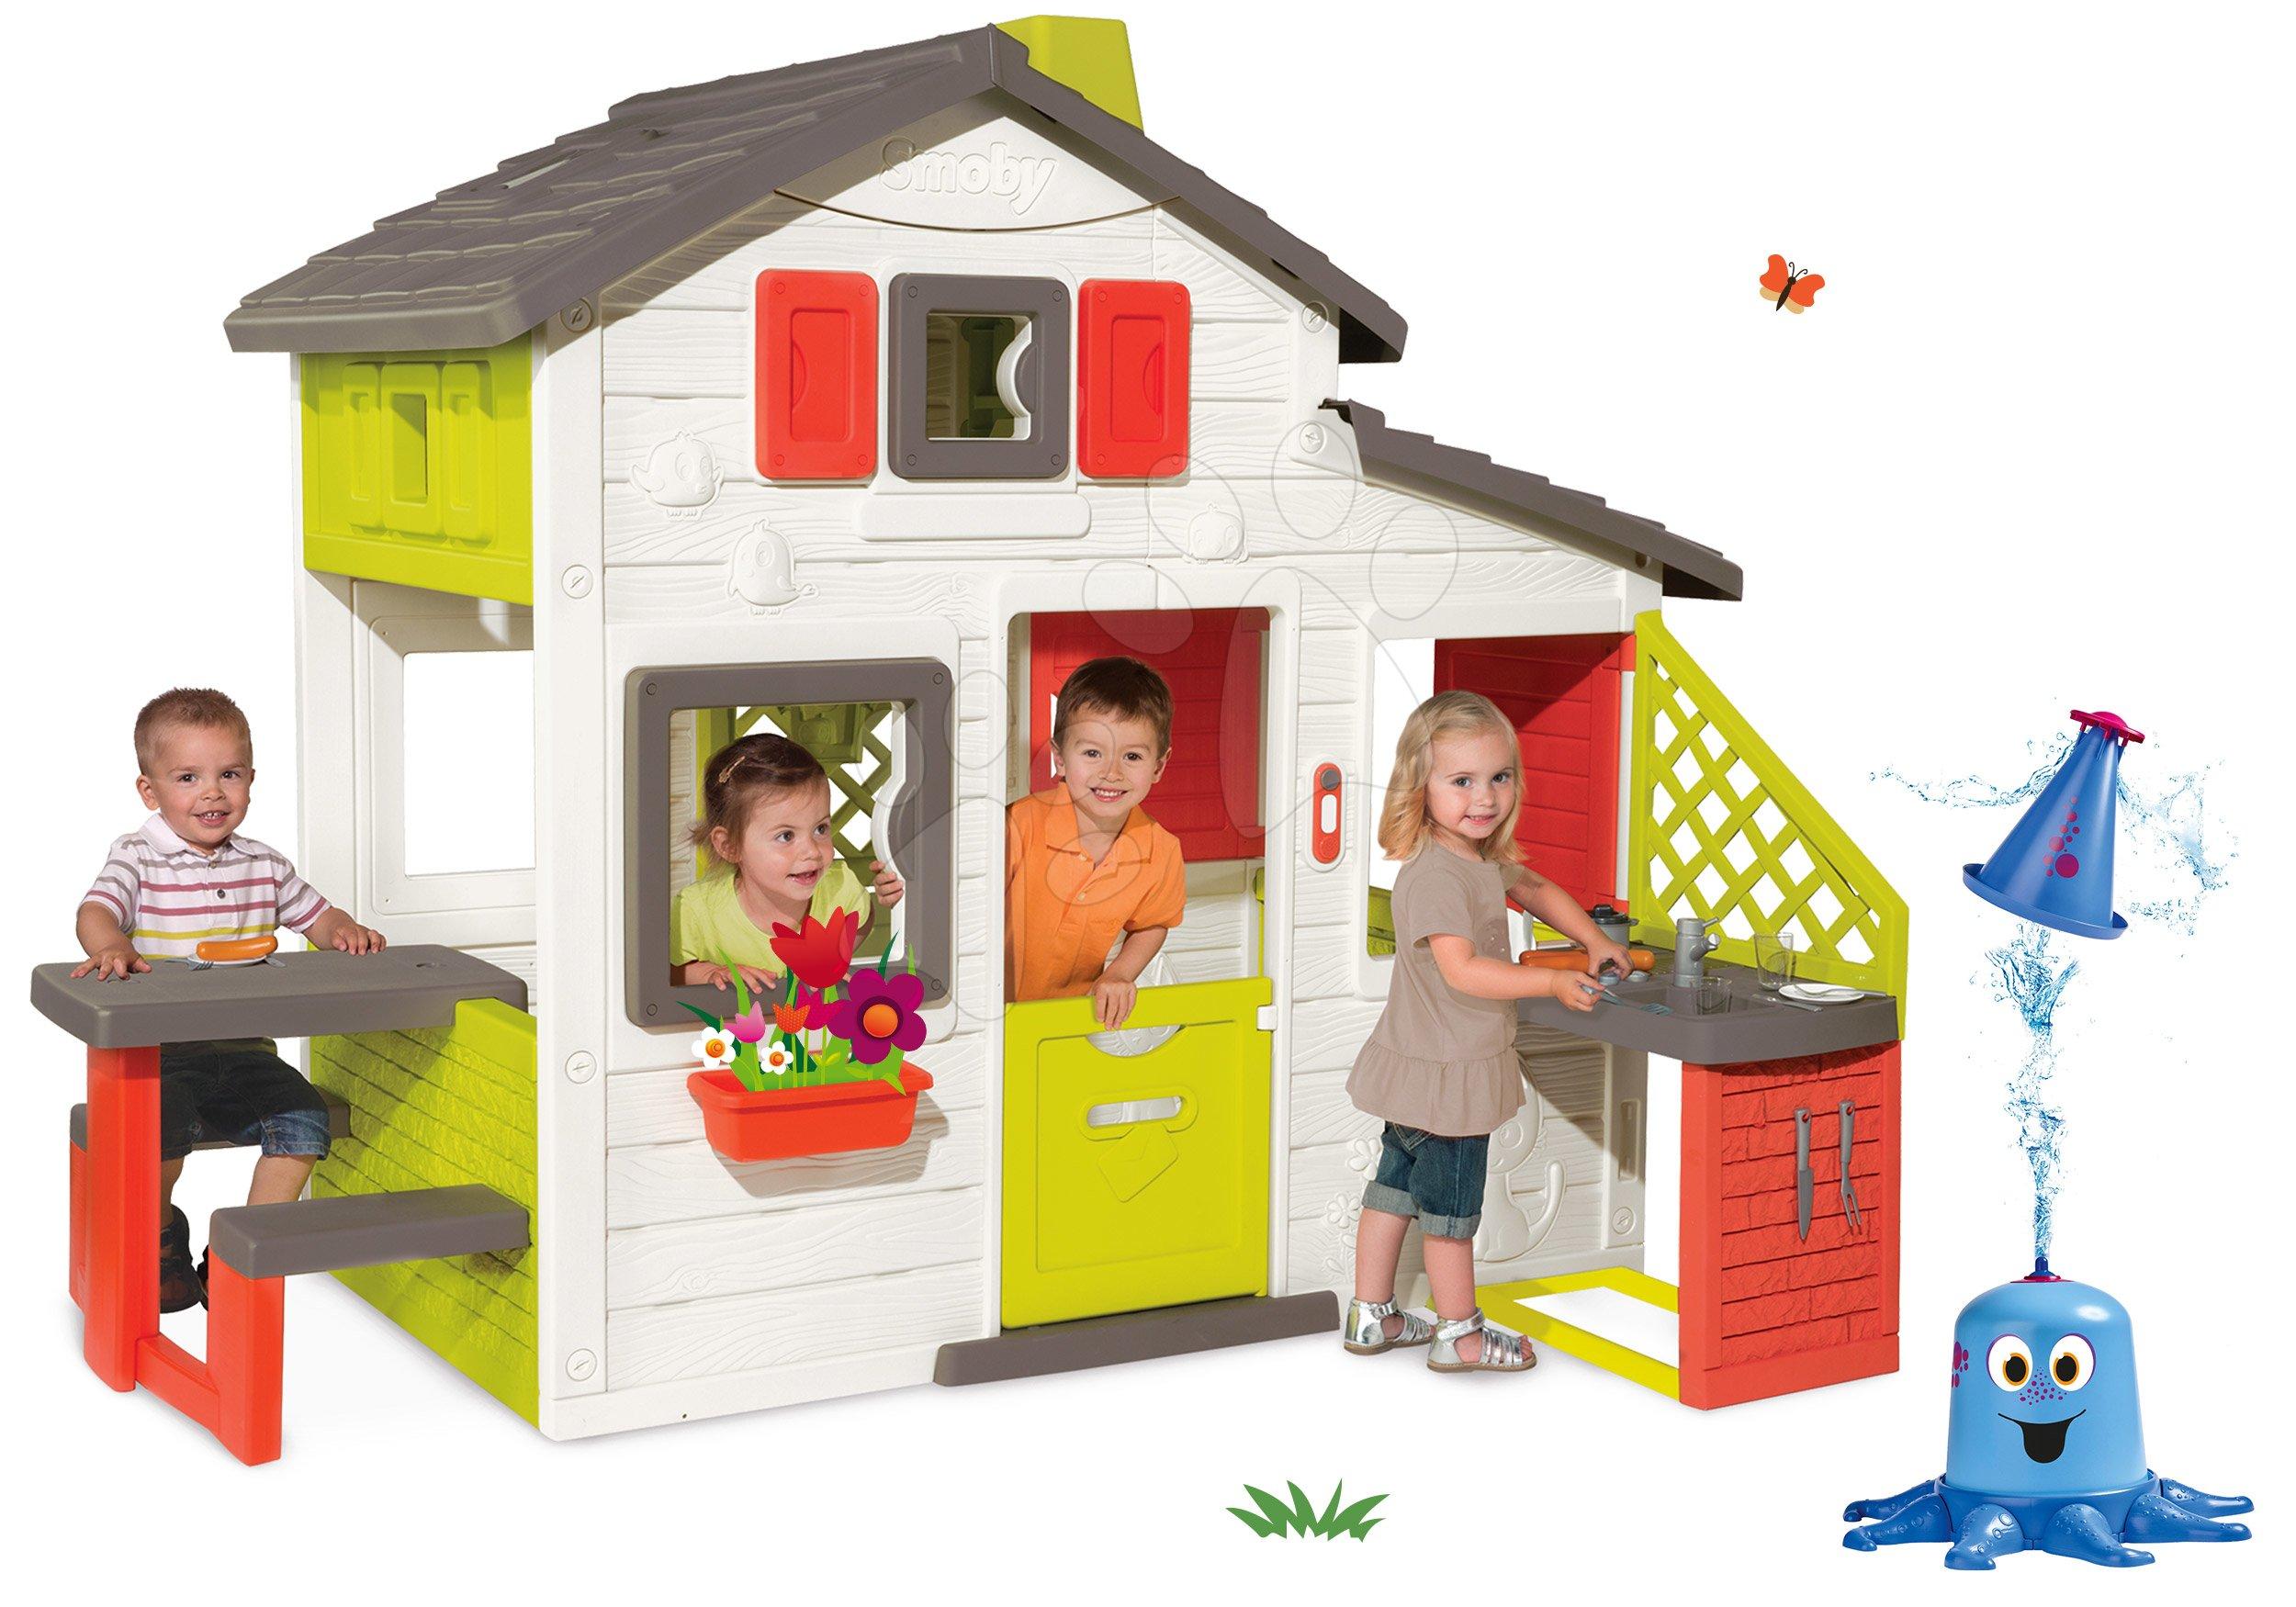 Szett házikó Barátok Smoby konyhával és csengővel és vízspriccelő polip